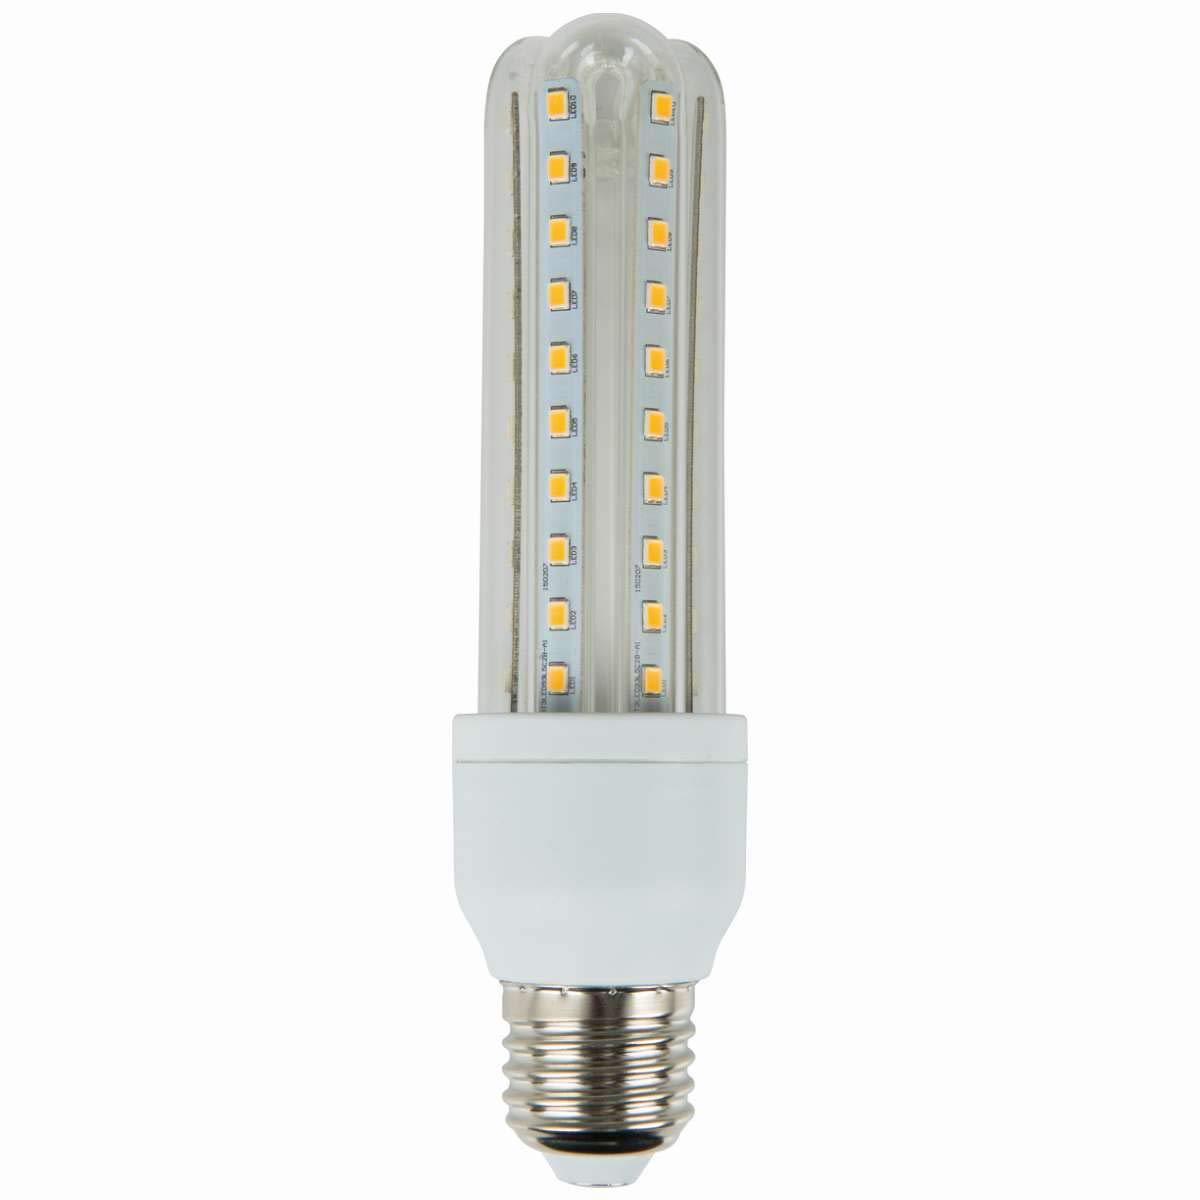 Aigostar Bombilla LED T3 3U de 12W, rosca grande y luz cálida E27: Amazon.es: Iluminación